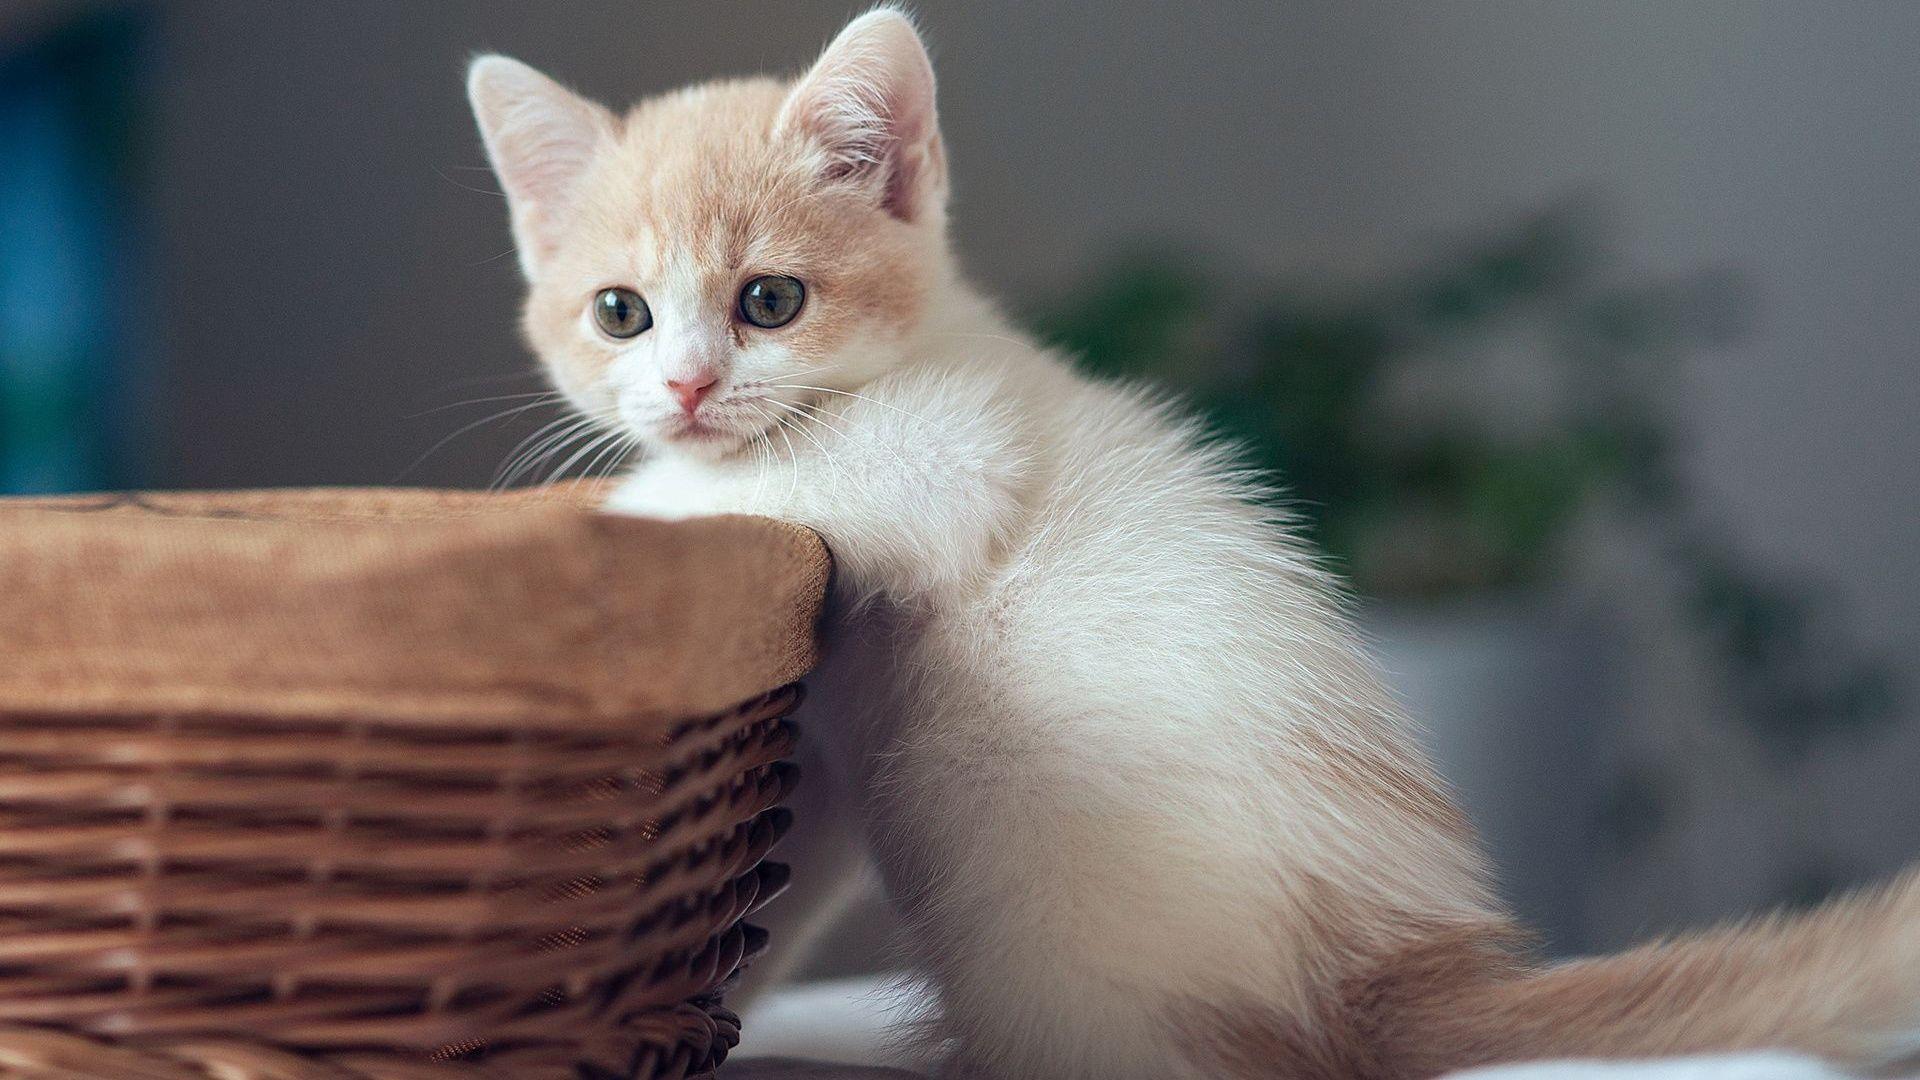 Chaton Mignon Avec Panier Fonds D Ecran 1920x1080 Fonds D Ecran De Telechargement Chaton Mignon Cute Kittens Chaton